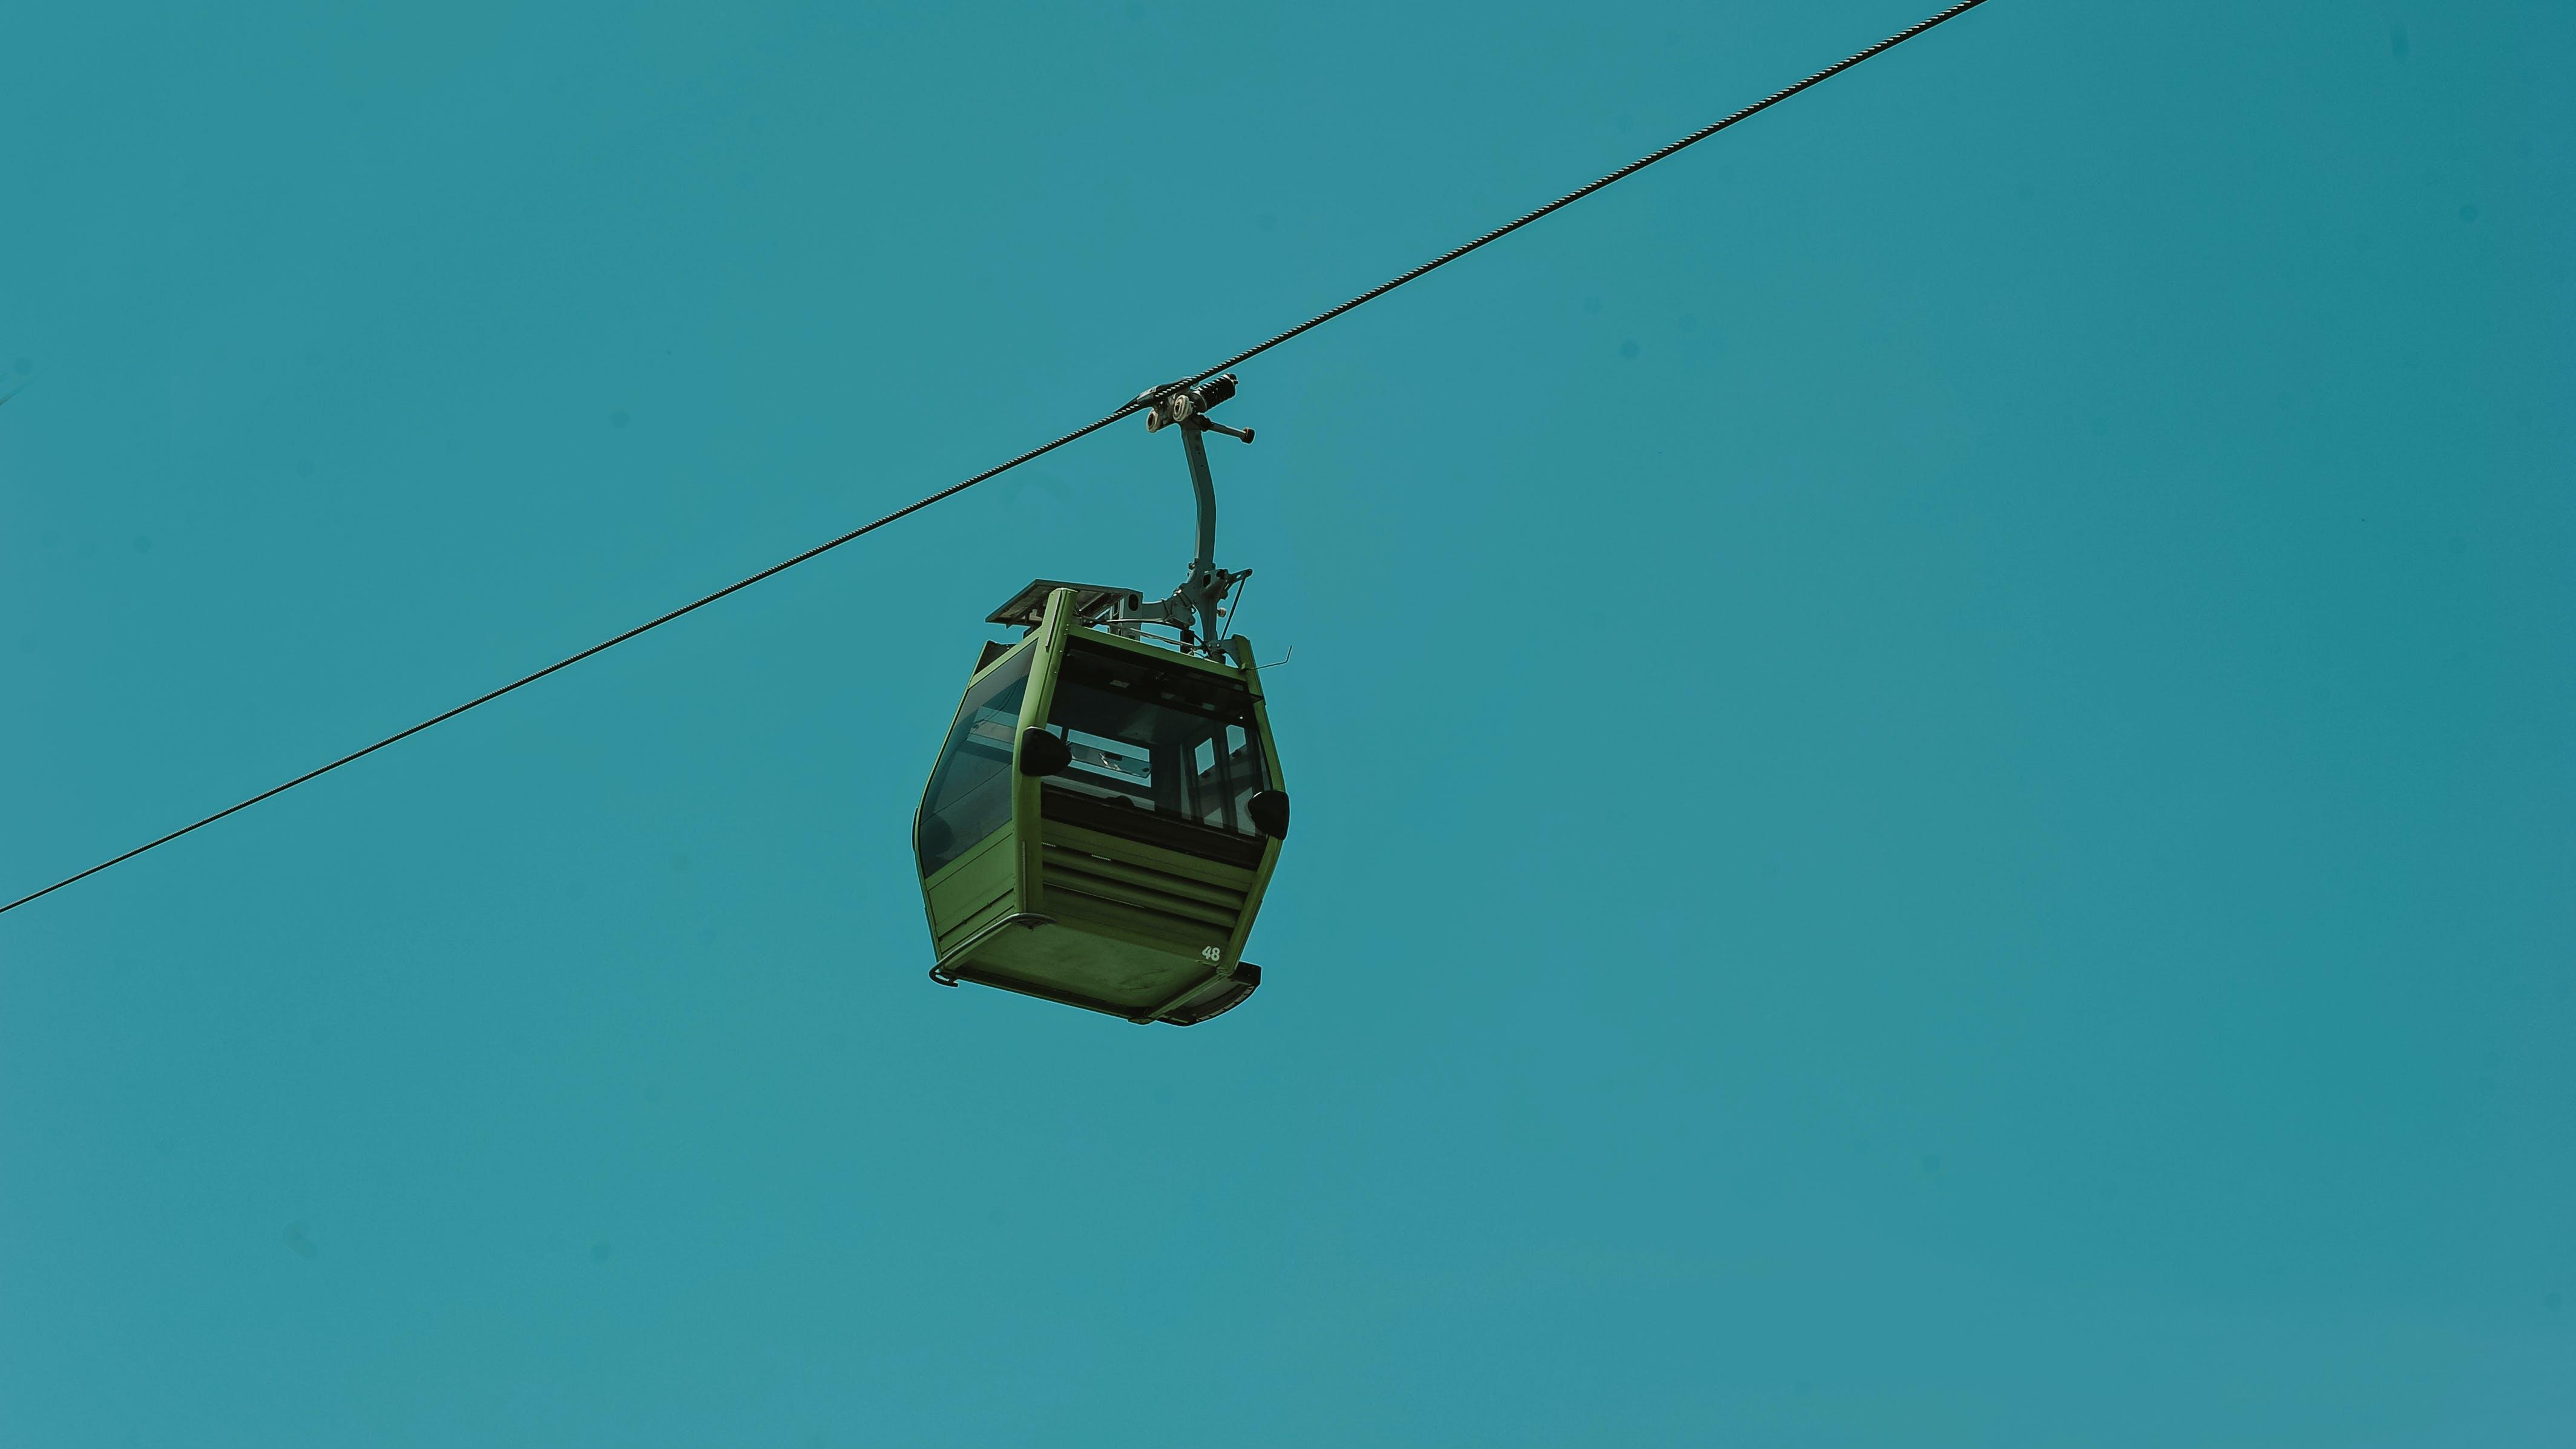 ausrüstung, blauer himmel, hängen